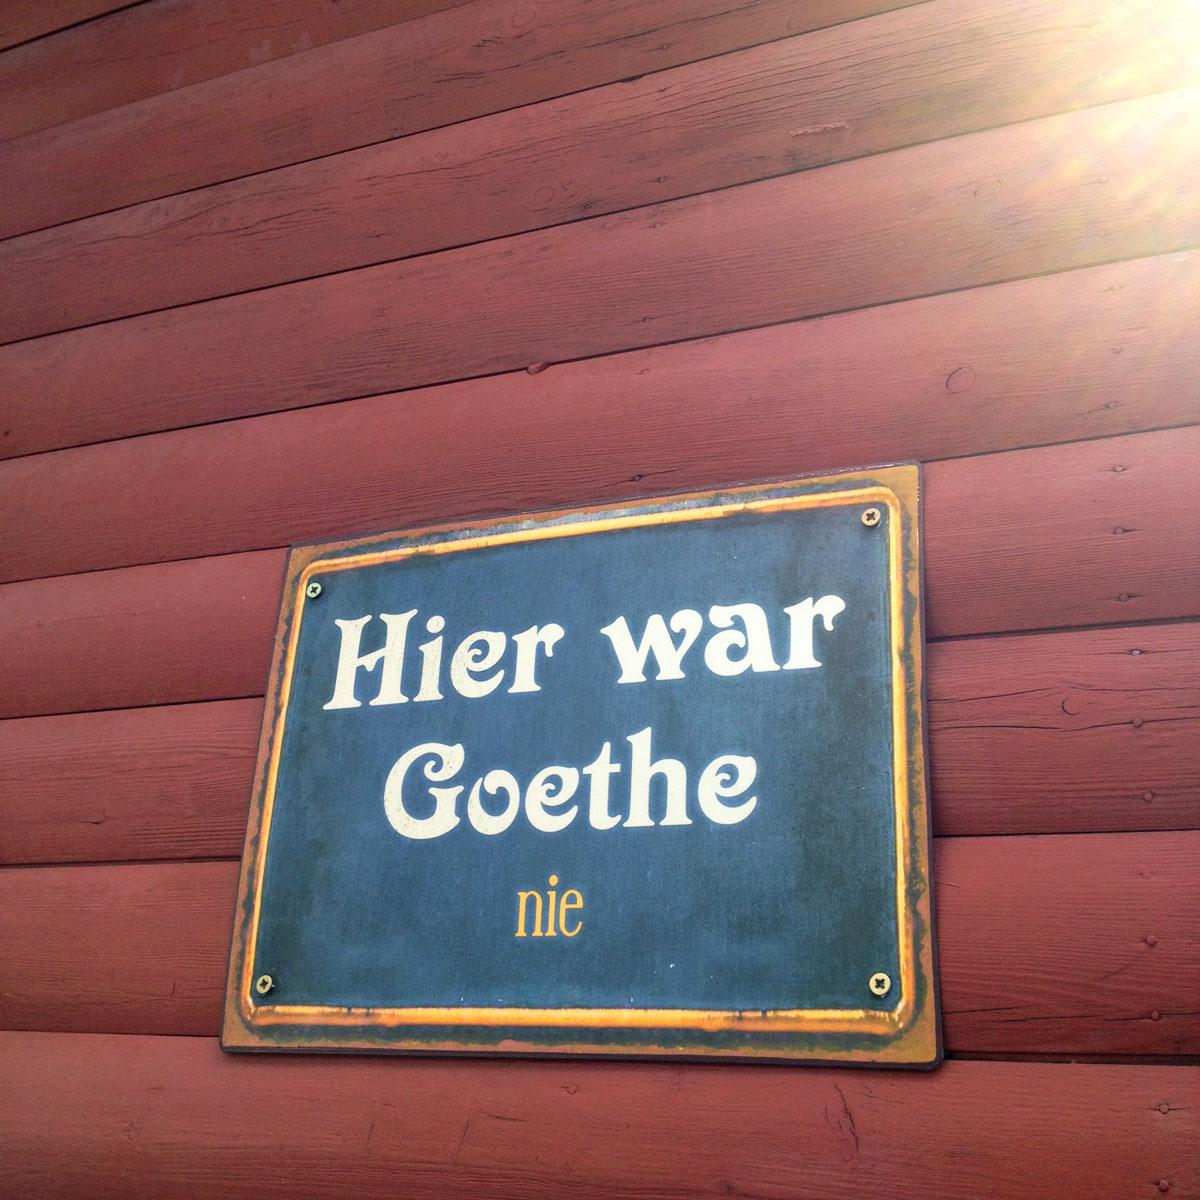 Schild in Frankfurt Bornheim - Hier war Goethe nie